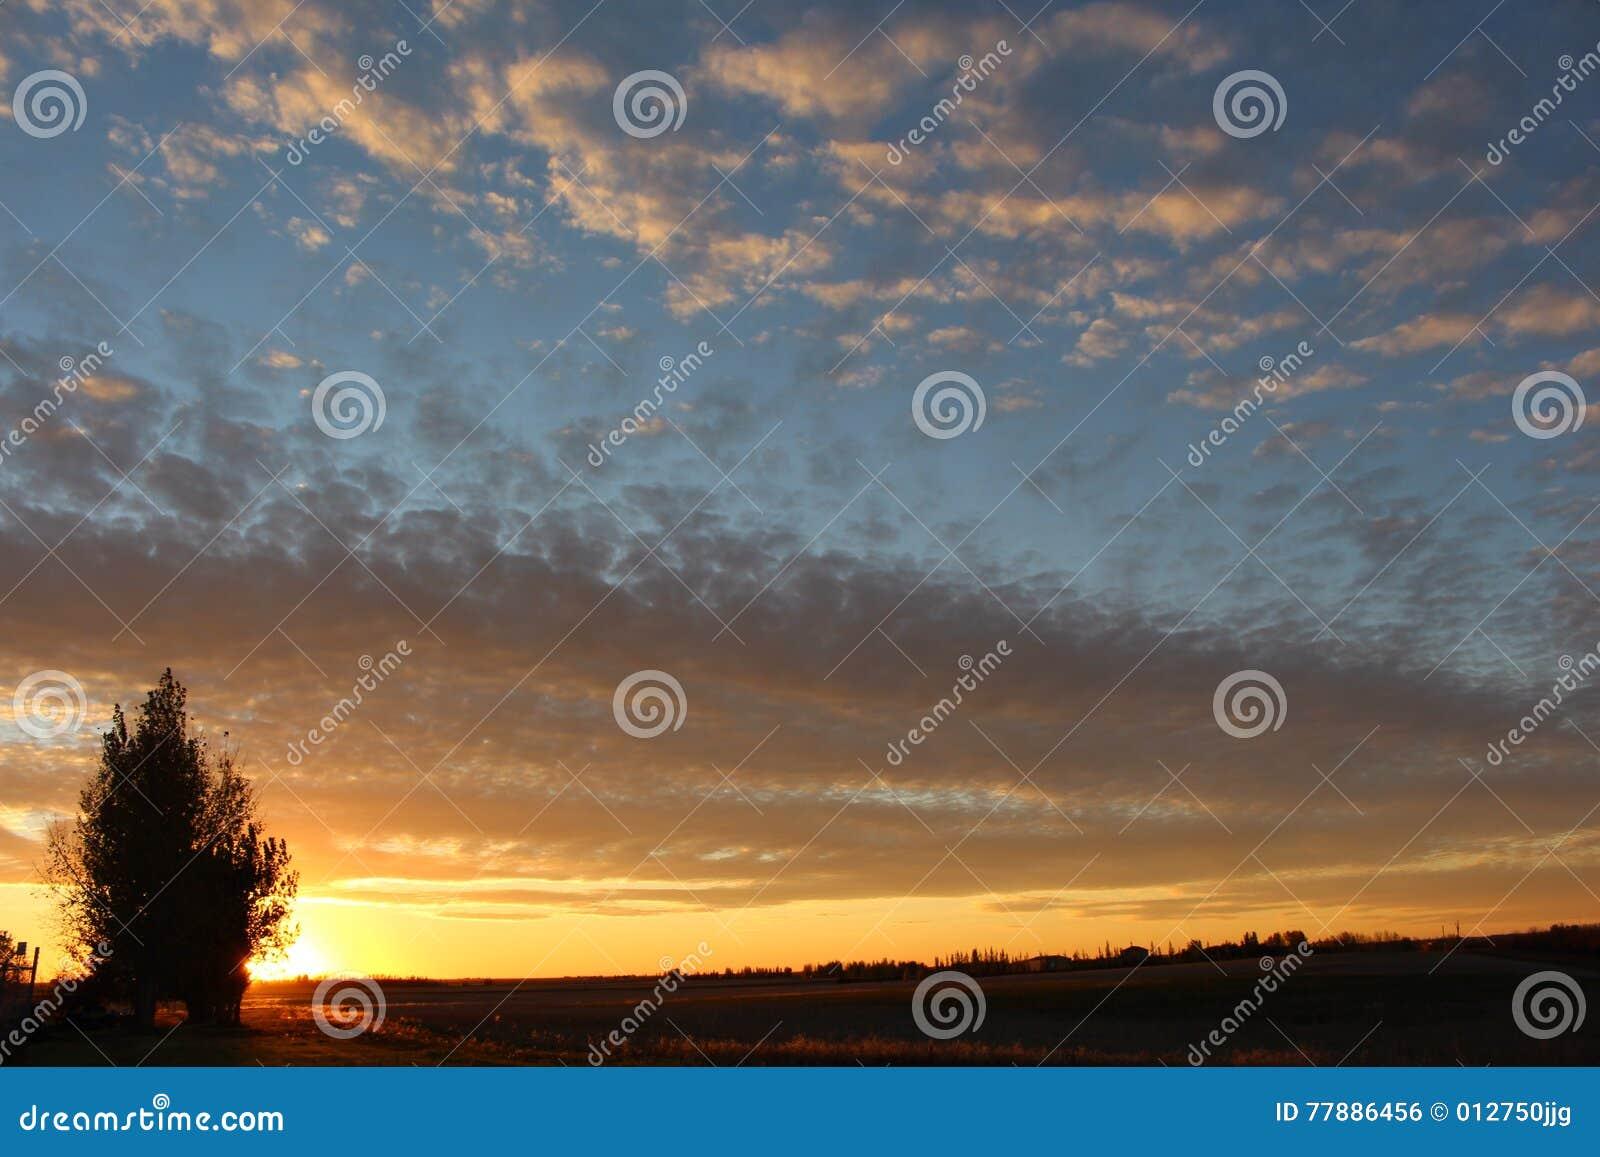 Aterrice Si Puesta Del Sol De Vida De Saskatchewan De Los Cielos Foto de archivo